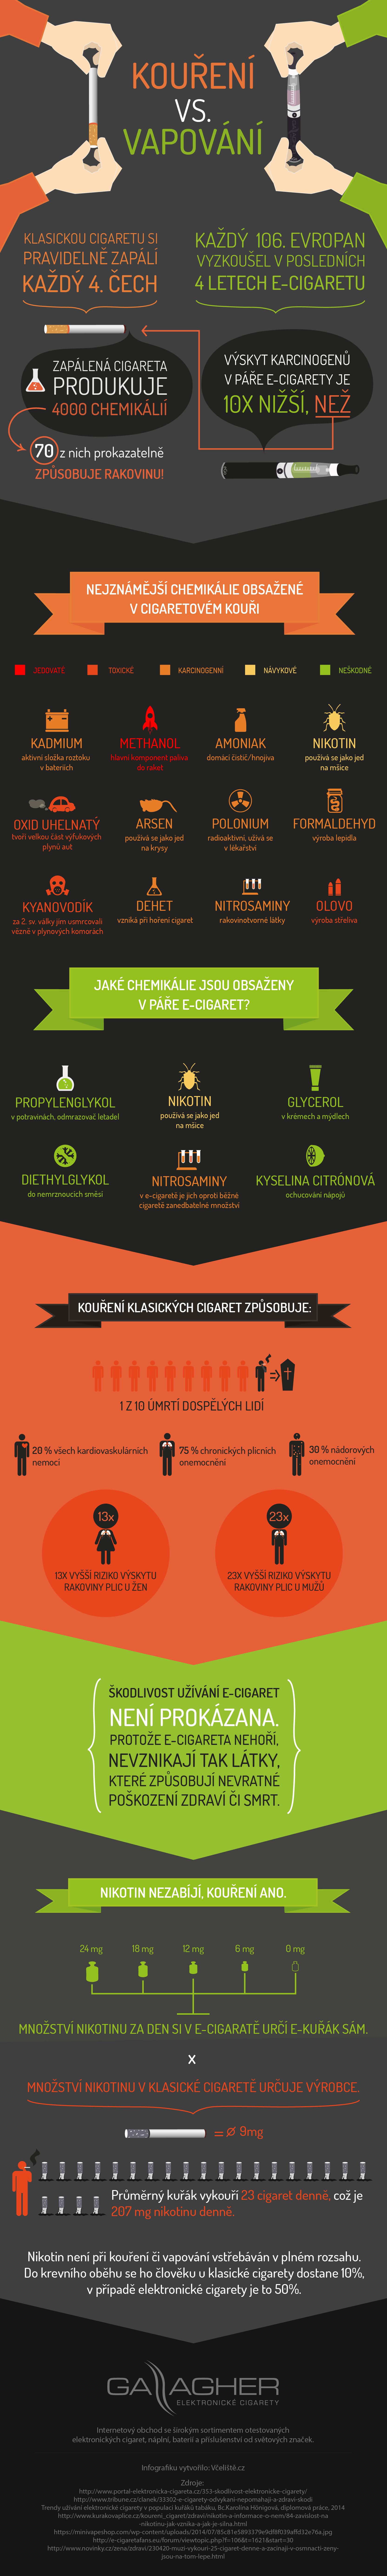 Ukázka infografiky s porovnáváním.